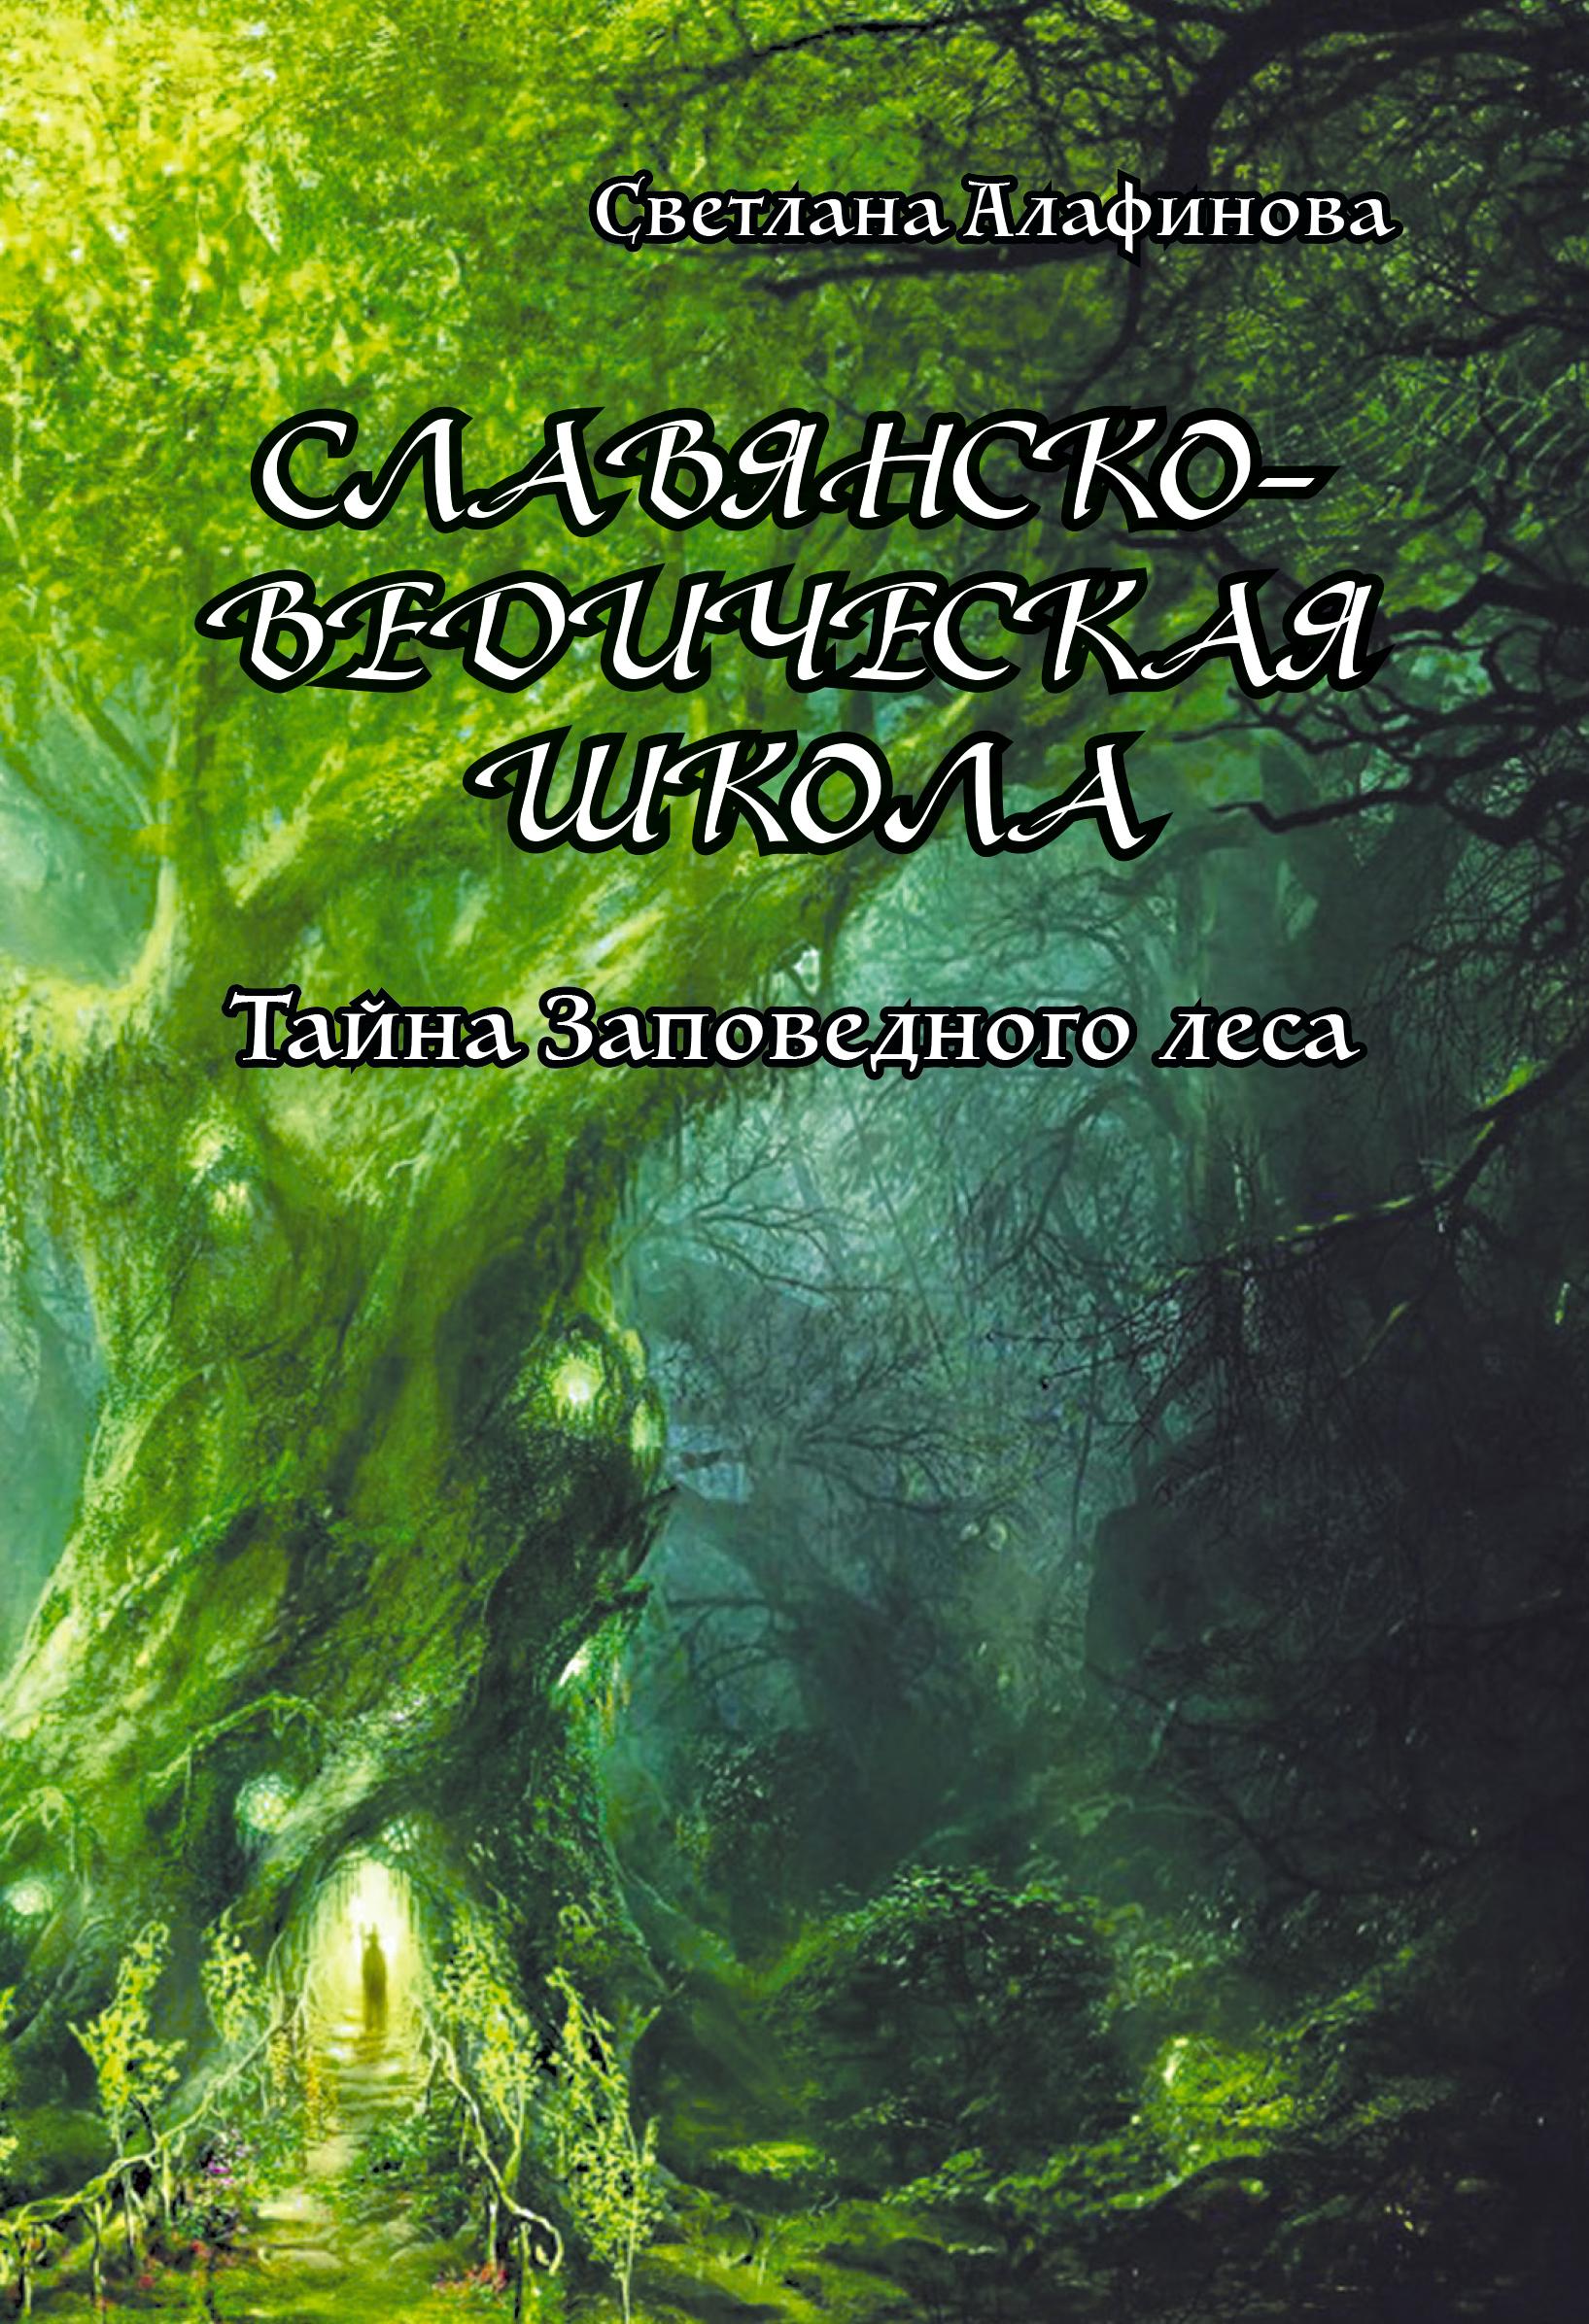 Славянско-ведическая школа. Тайна заповедного леса